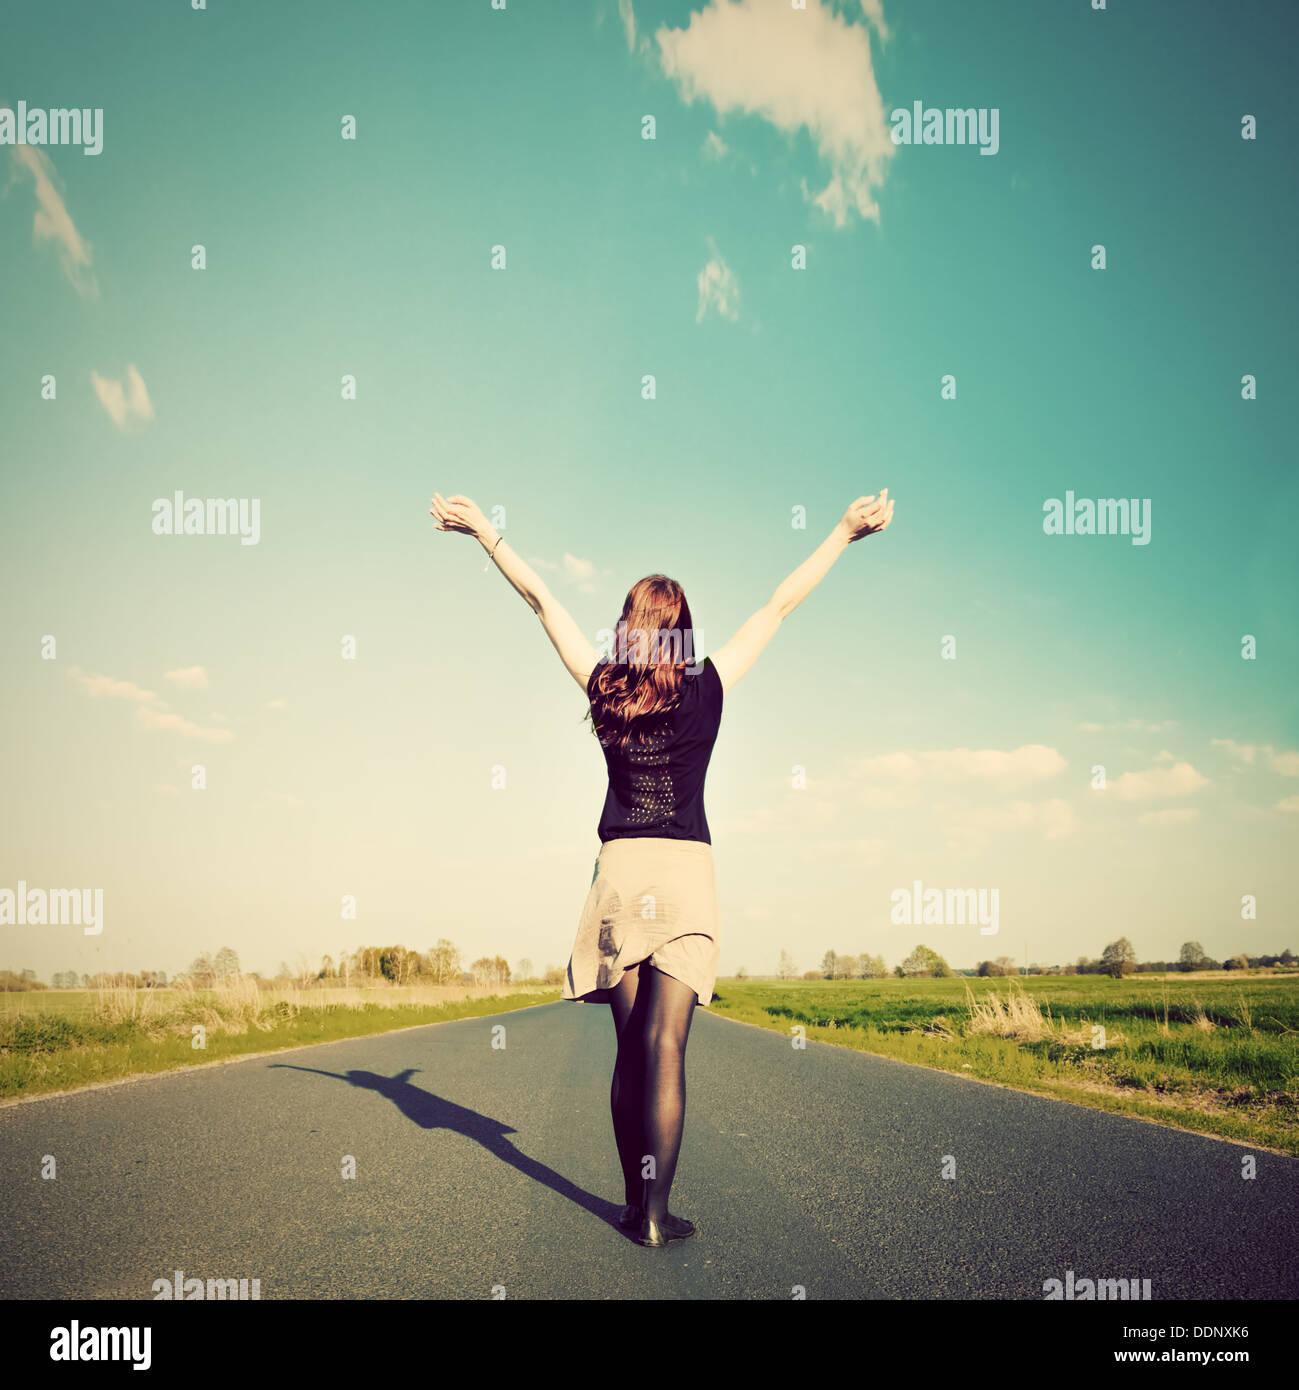 Glückliche Frau mit Händen stehend auf gerader Straße Sonne zugewandt. Zukunft / Freiheit / hoffe / Erfolgskonzept Stockbild